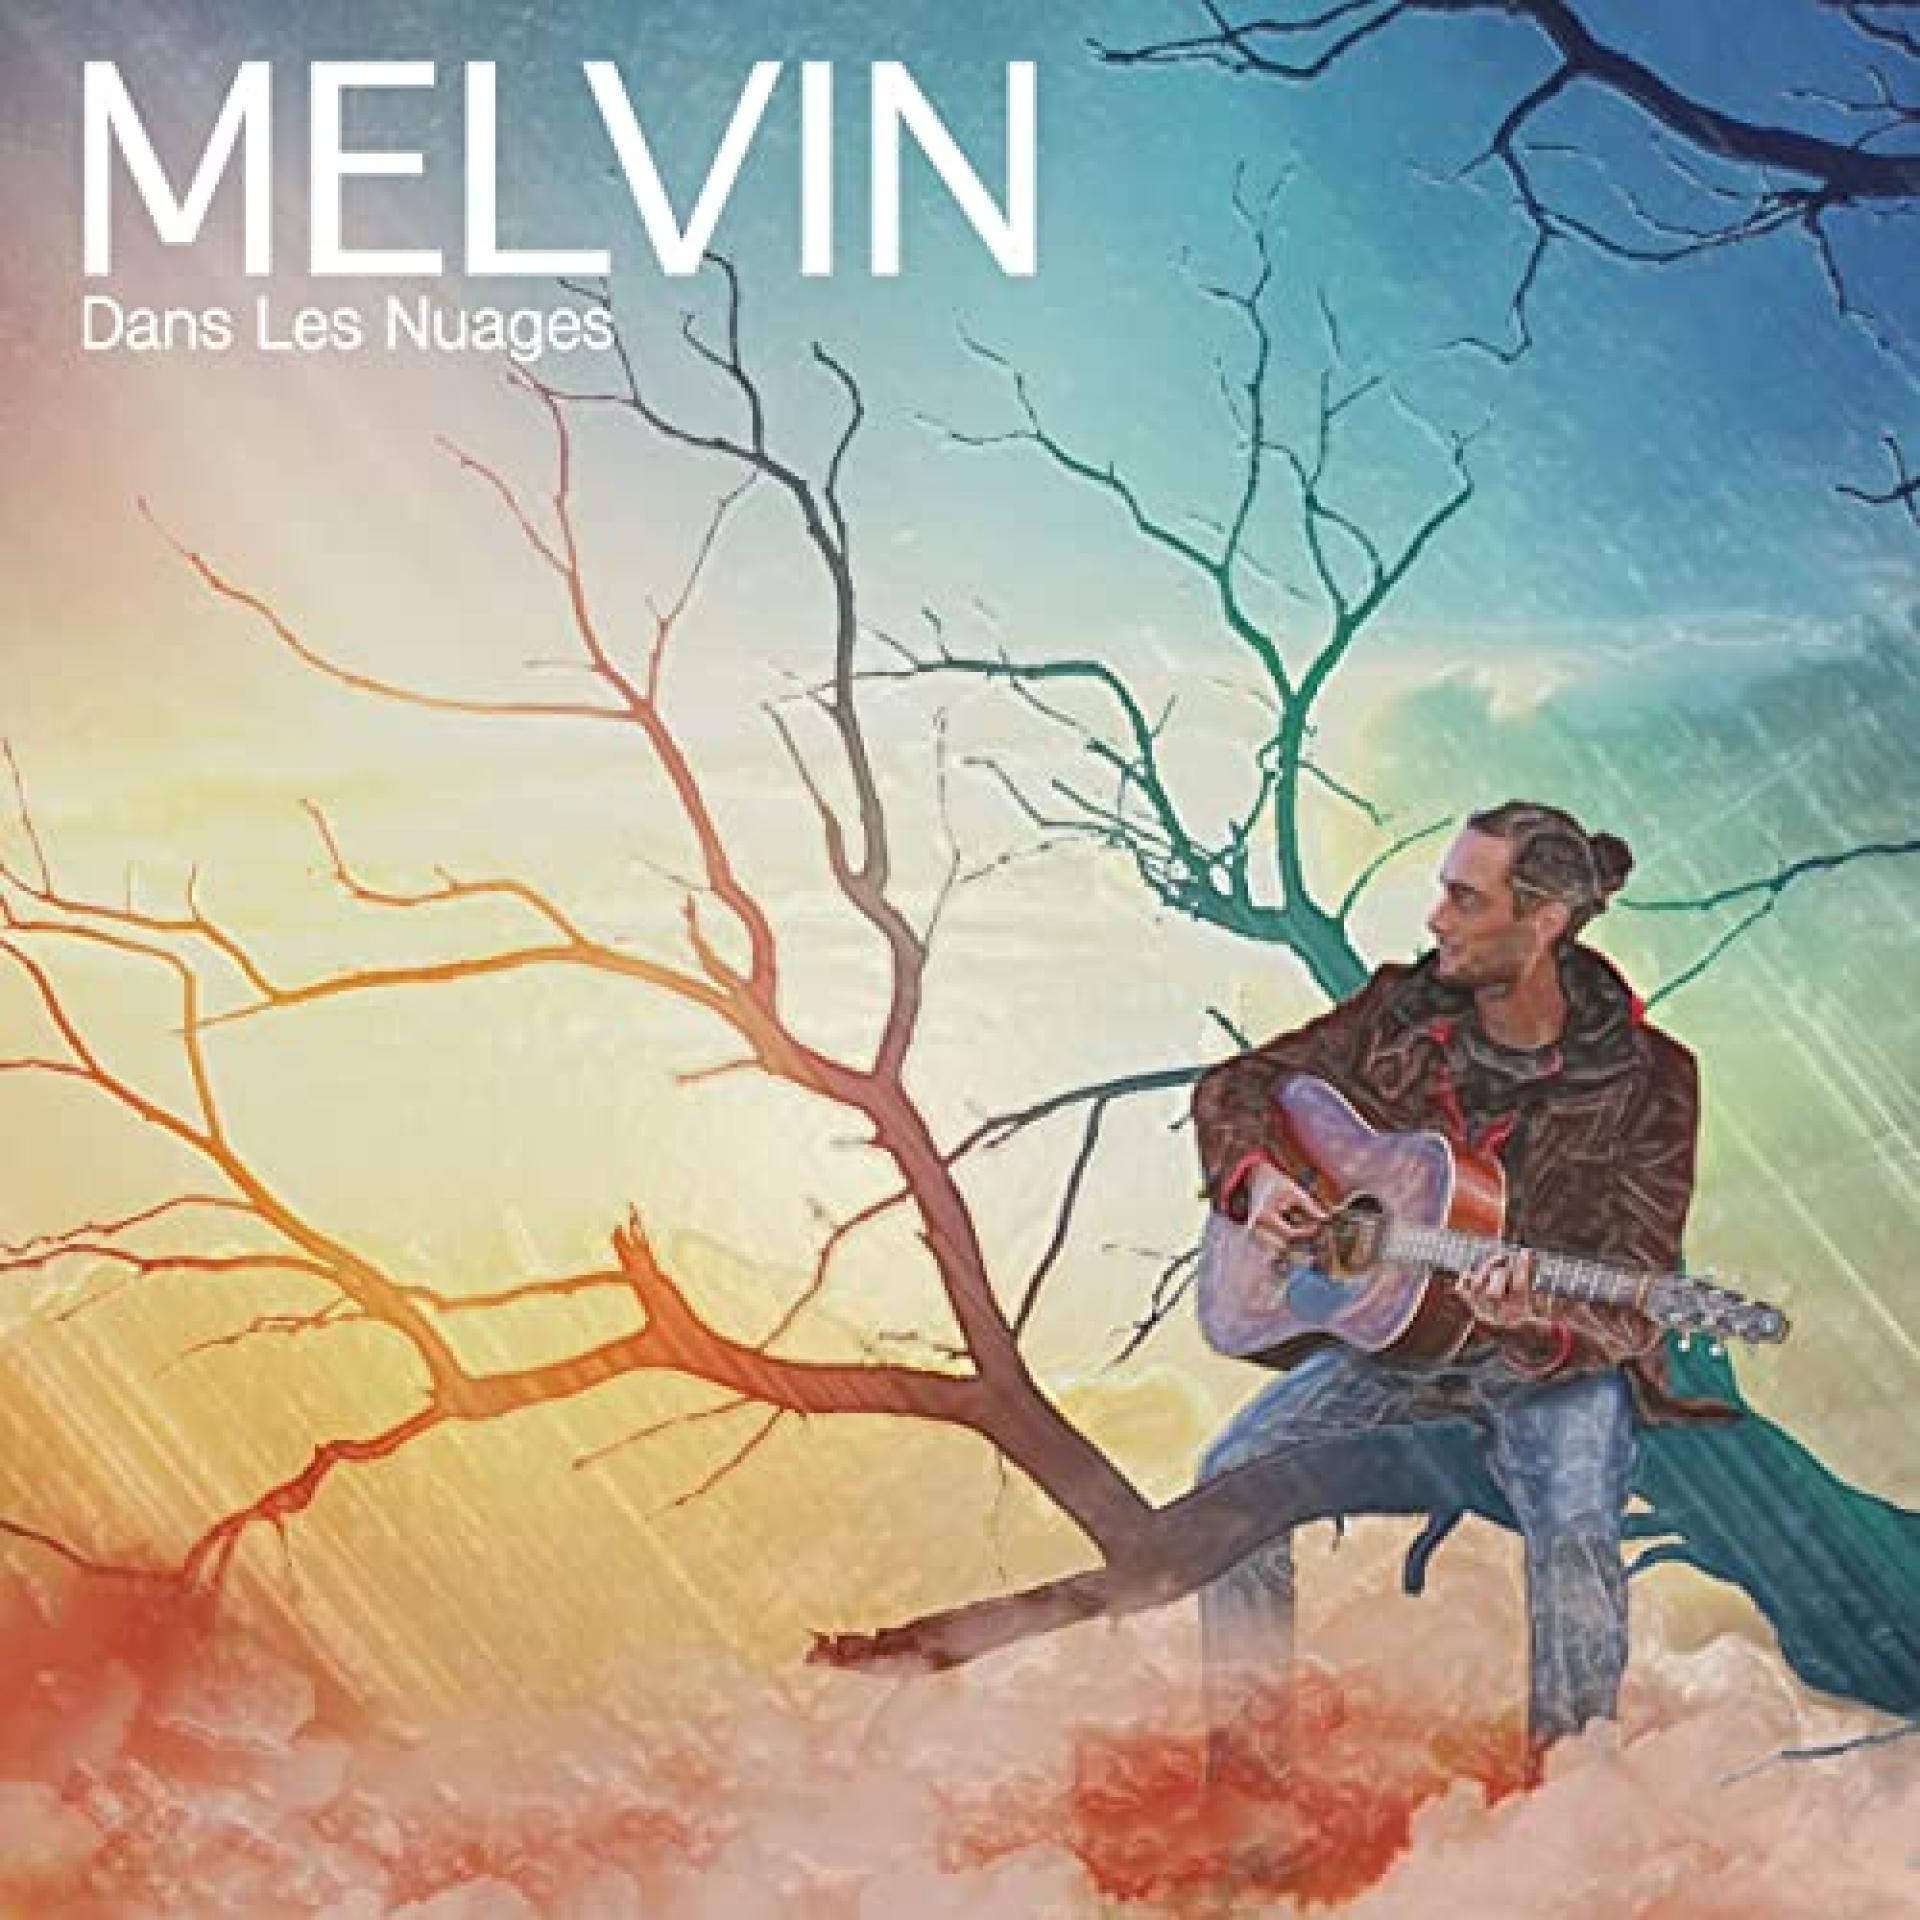 Melvin Dans Les Nuages Quand Je Serai Grand